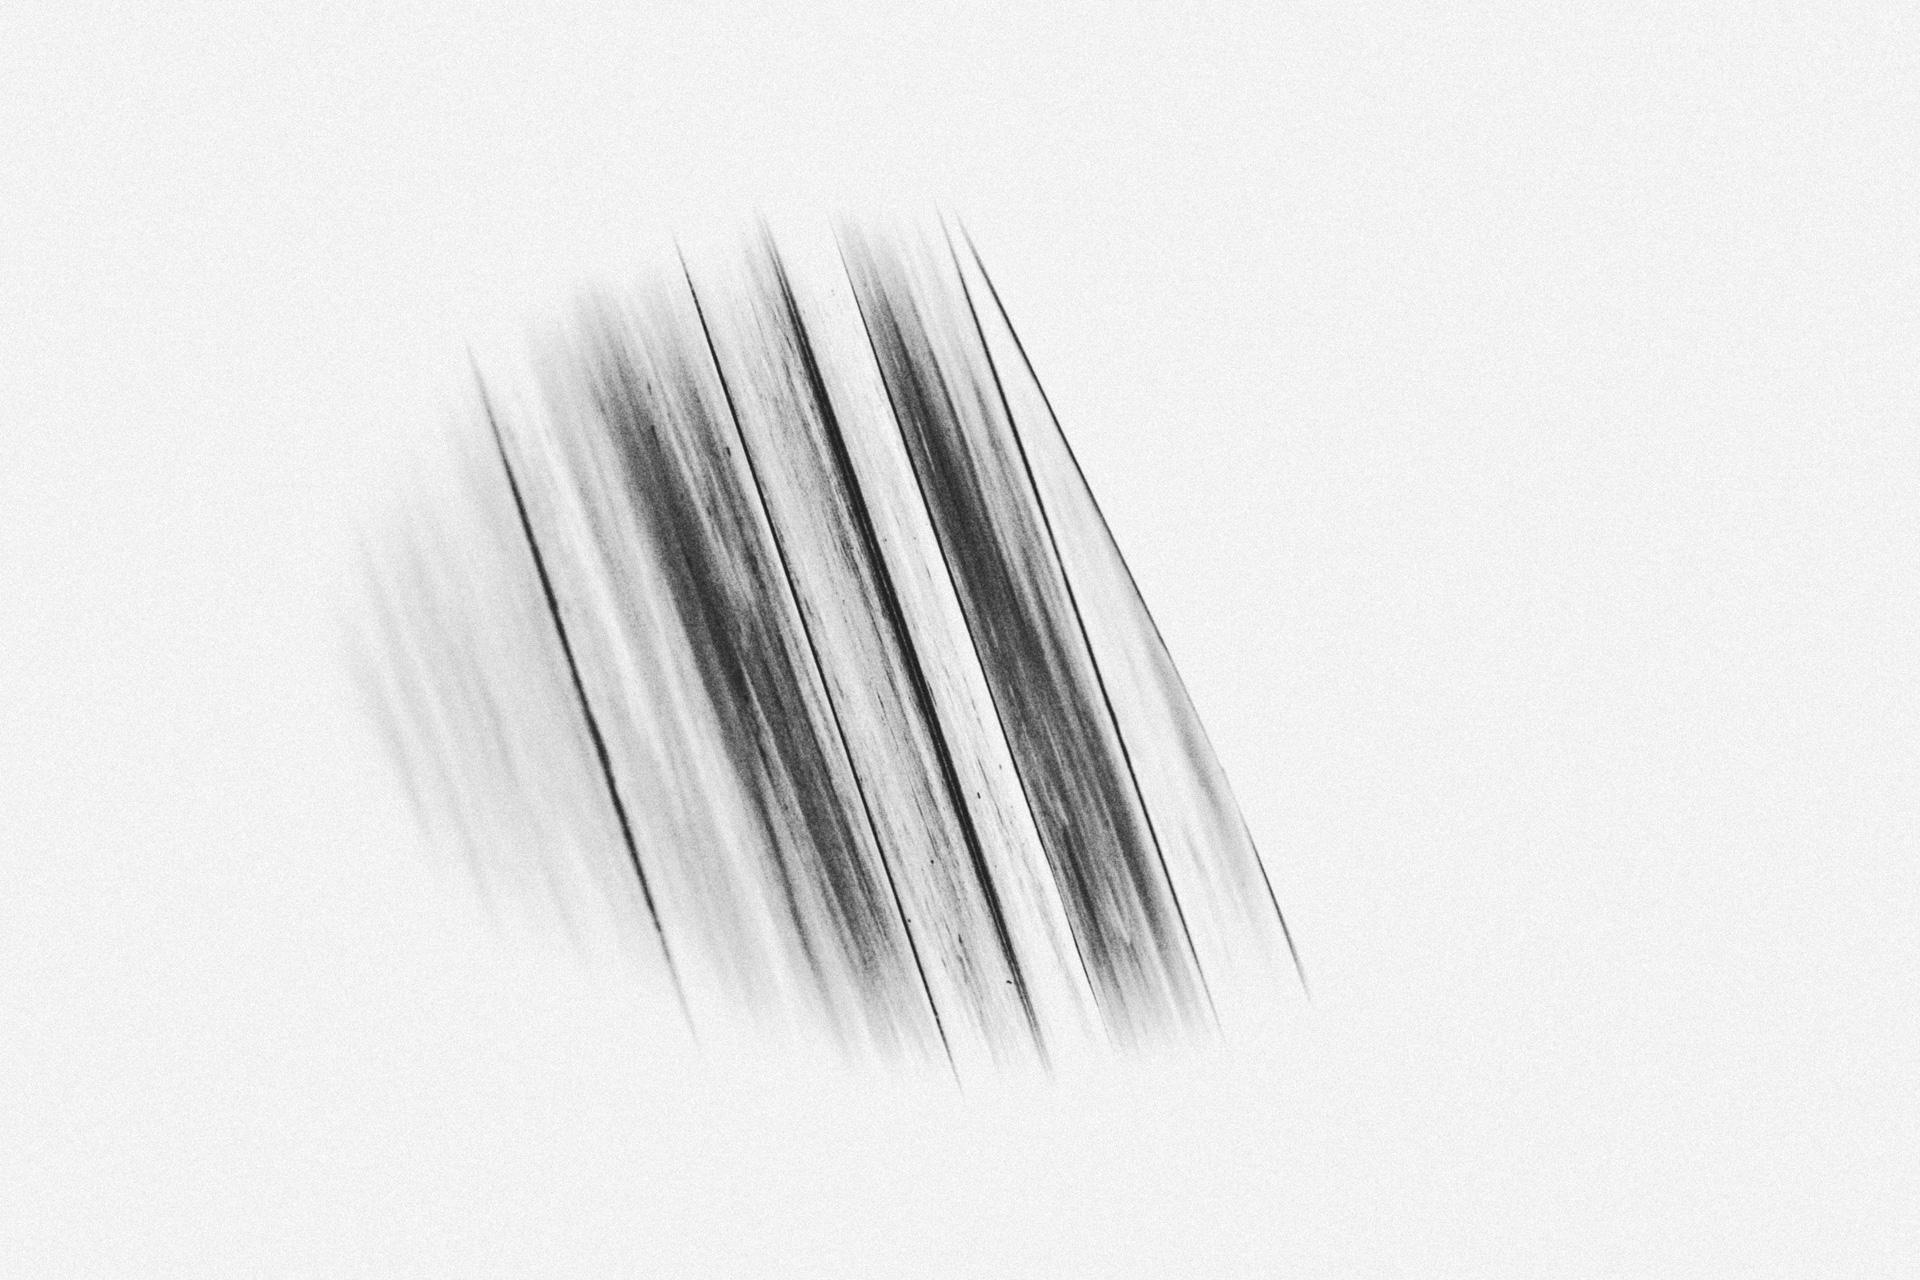 thumb-DSC_0024